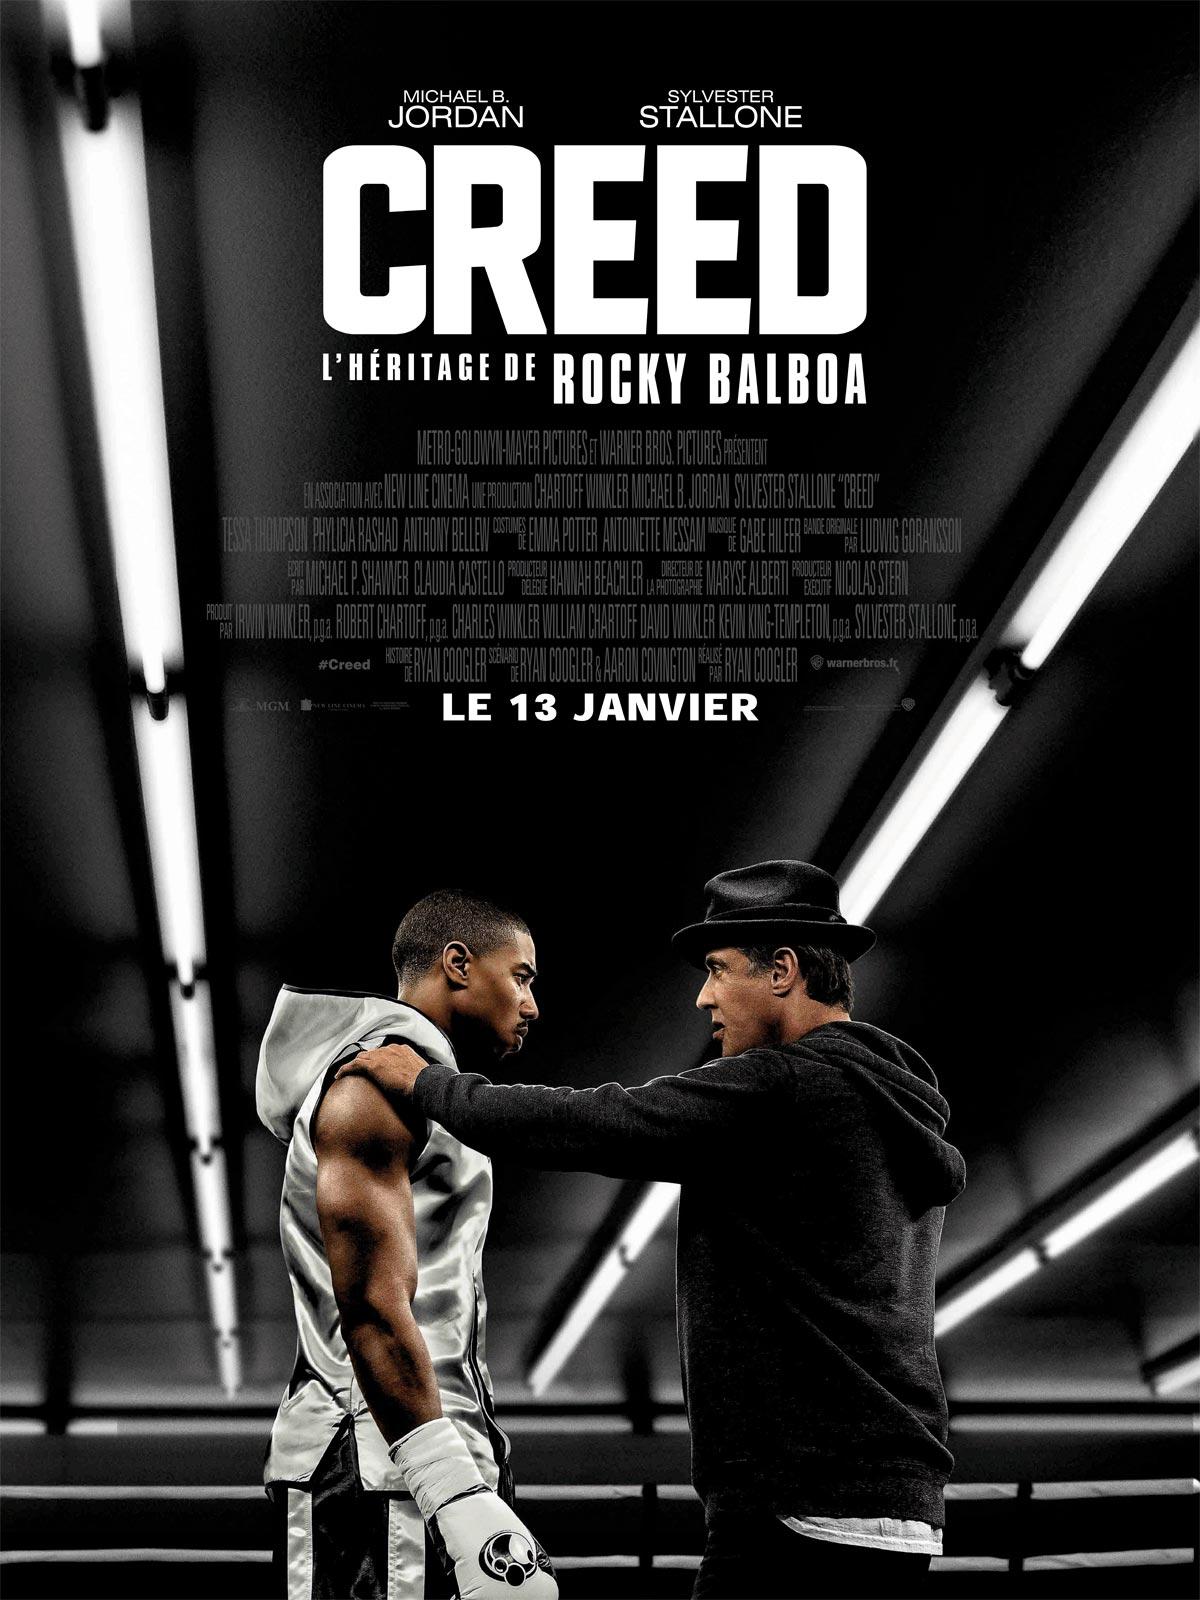 Achat Creed - L'Héritage de Rocky Balboa en DVD - AlloCiné